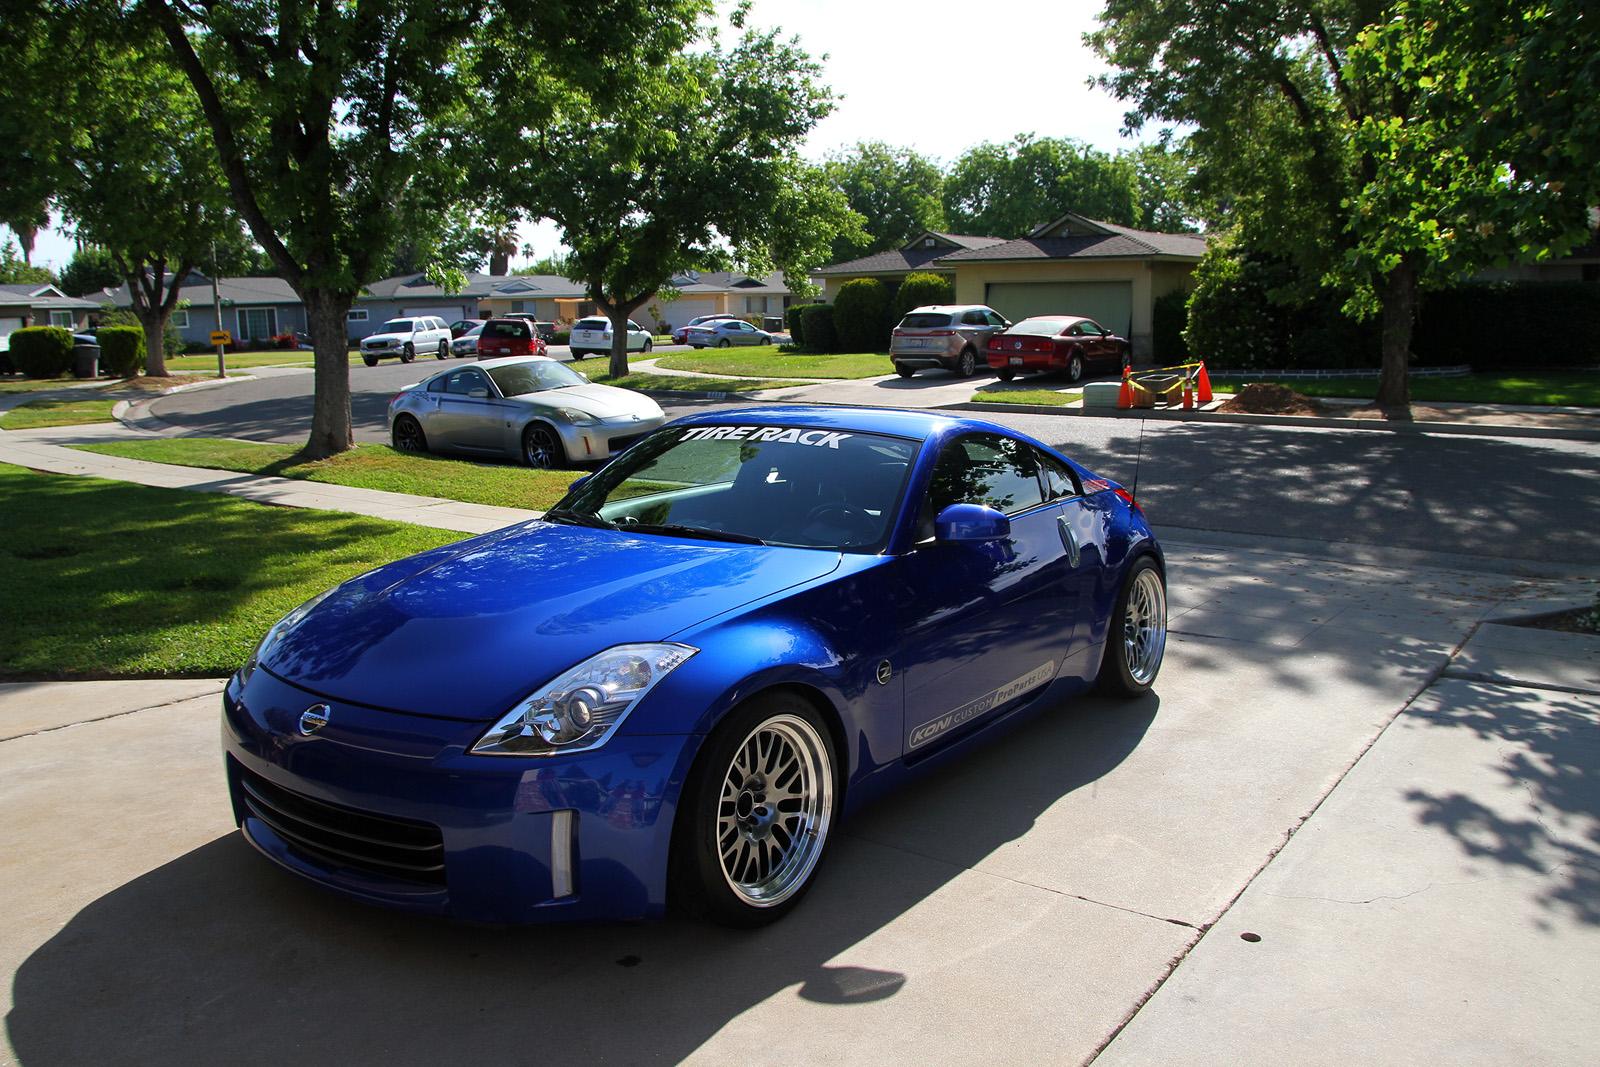 Bay Area Autocross Forum: Classifieds » FS: 2007 350Z STU